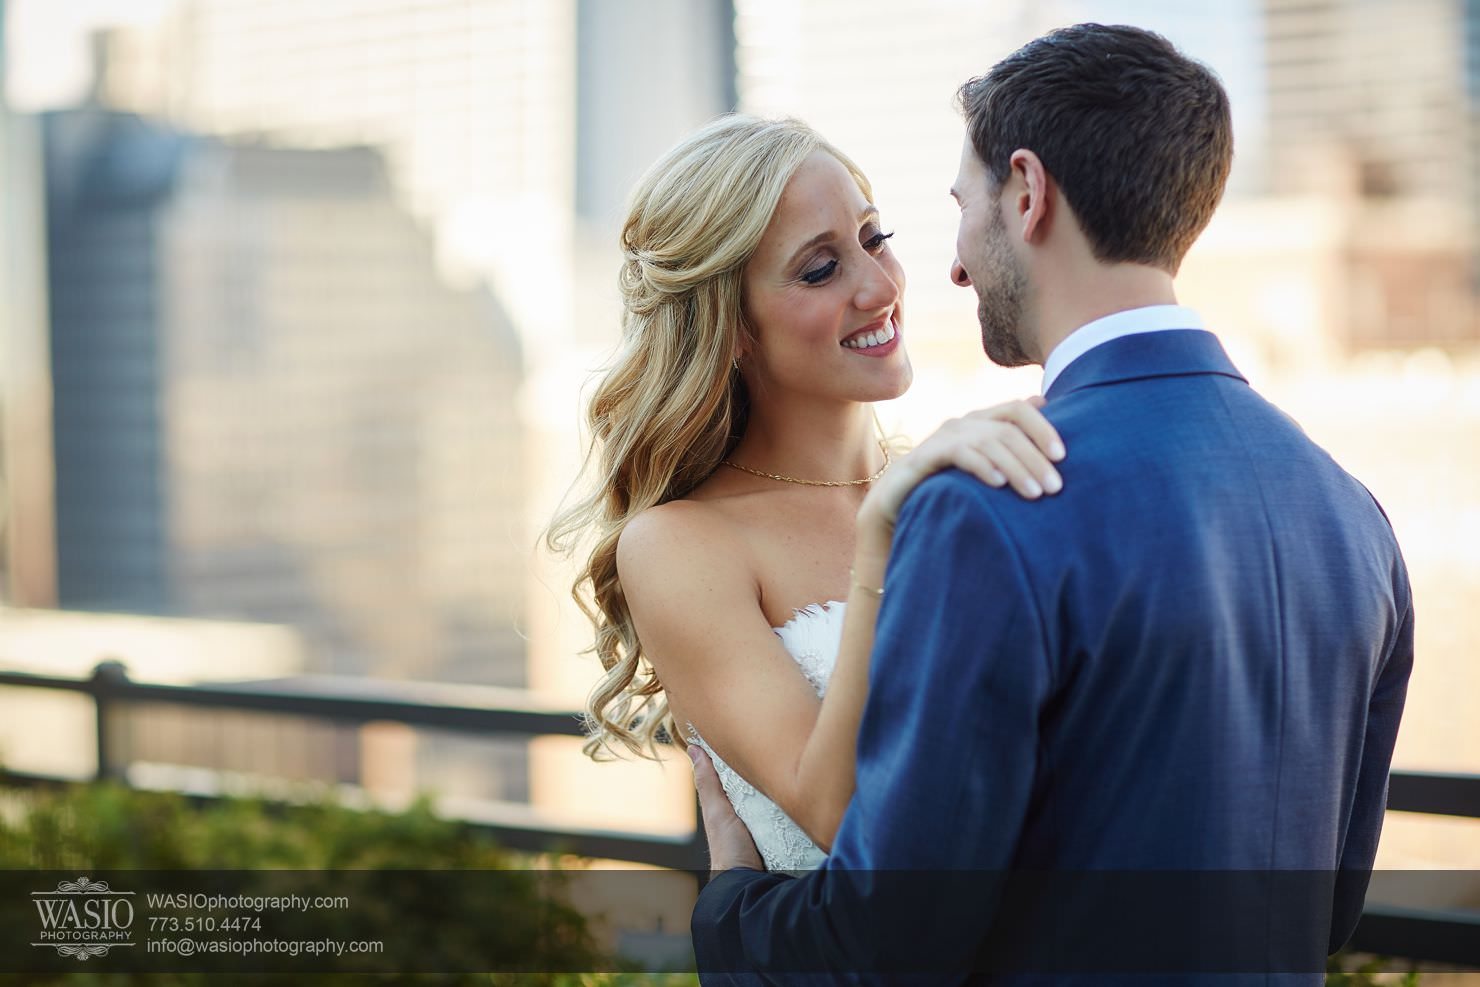 02_Chicago-Gallery-Wedding_0O3A8208 Chicago Gallery Wedding - Courtney + Danny